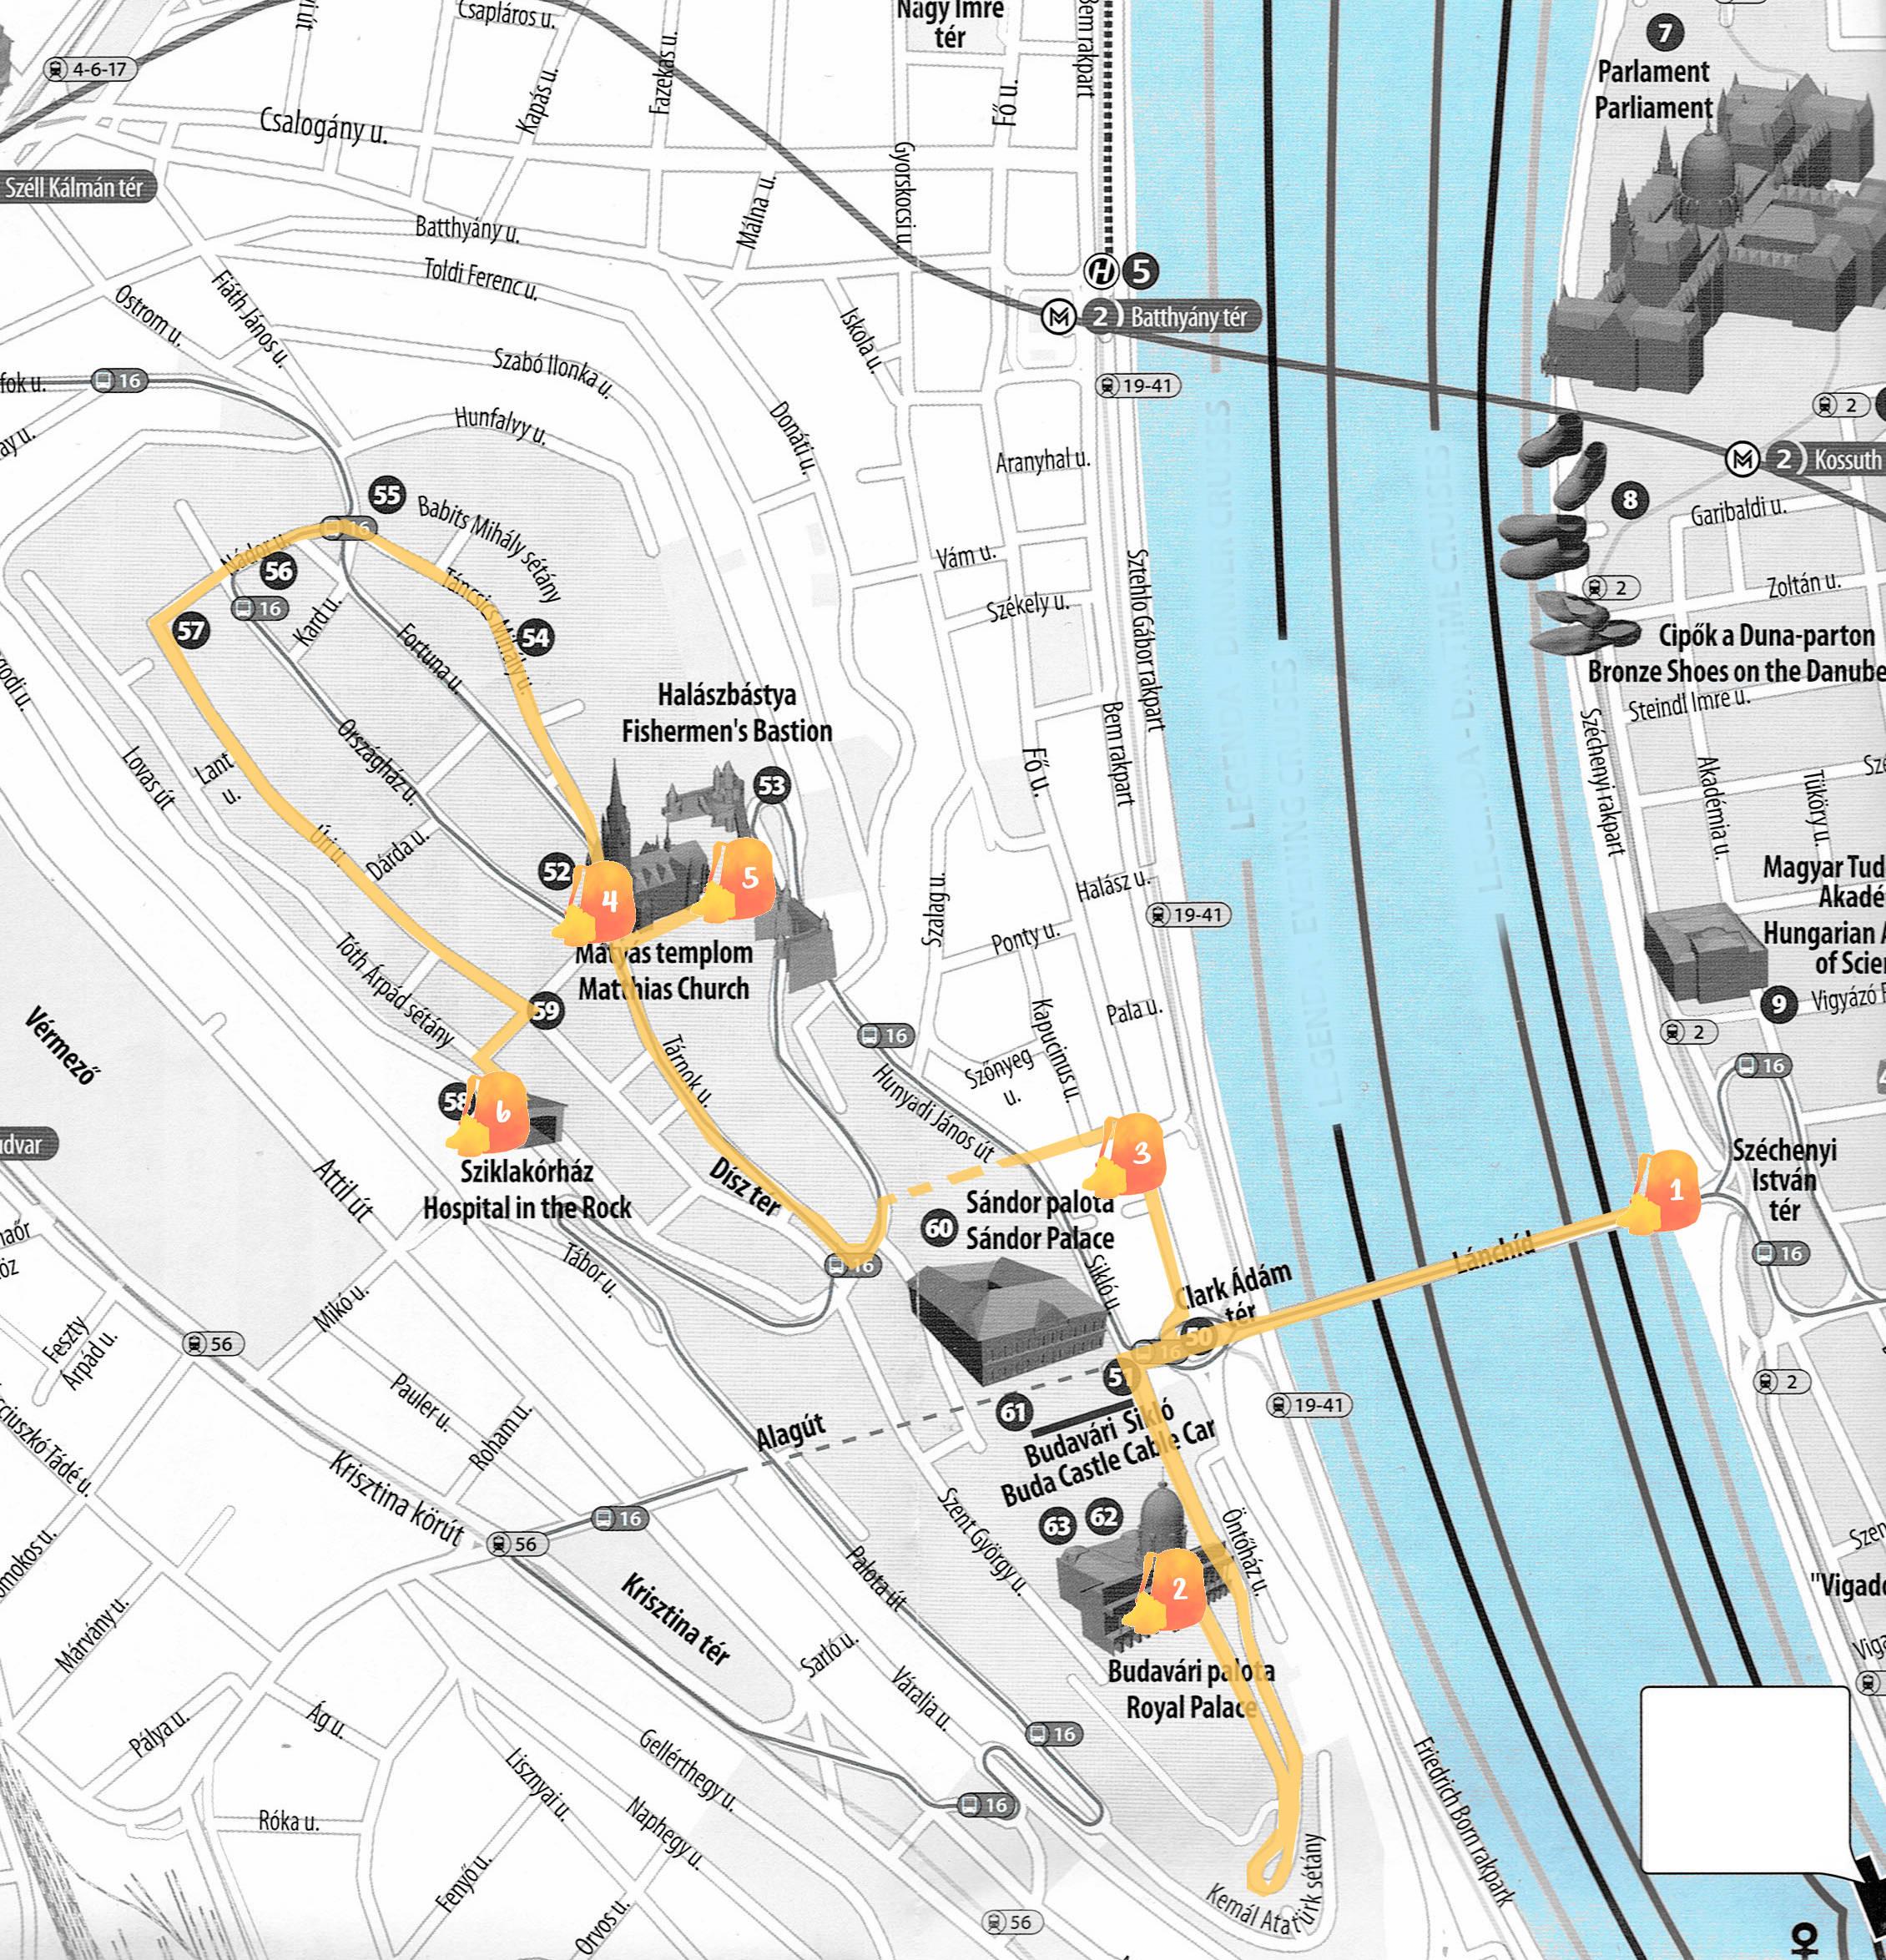 Mapa con la ruta que hicimos señalada